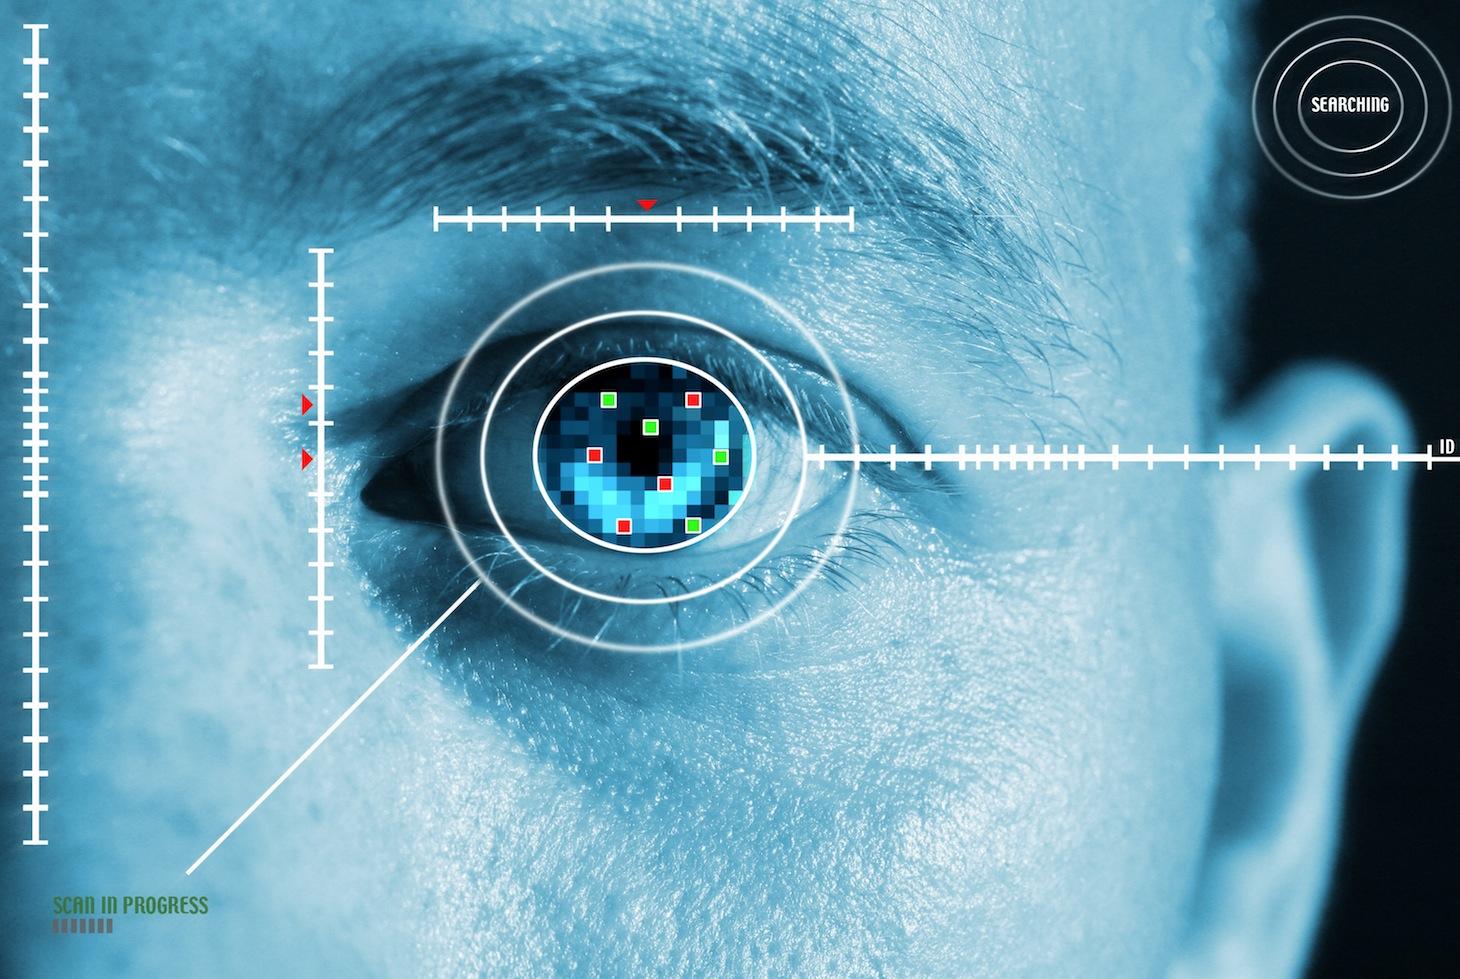 Resultado de imagen de mobile eye controller